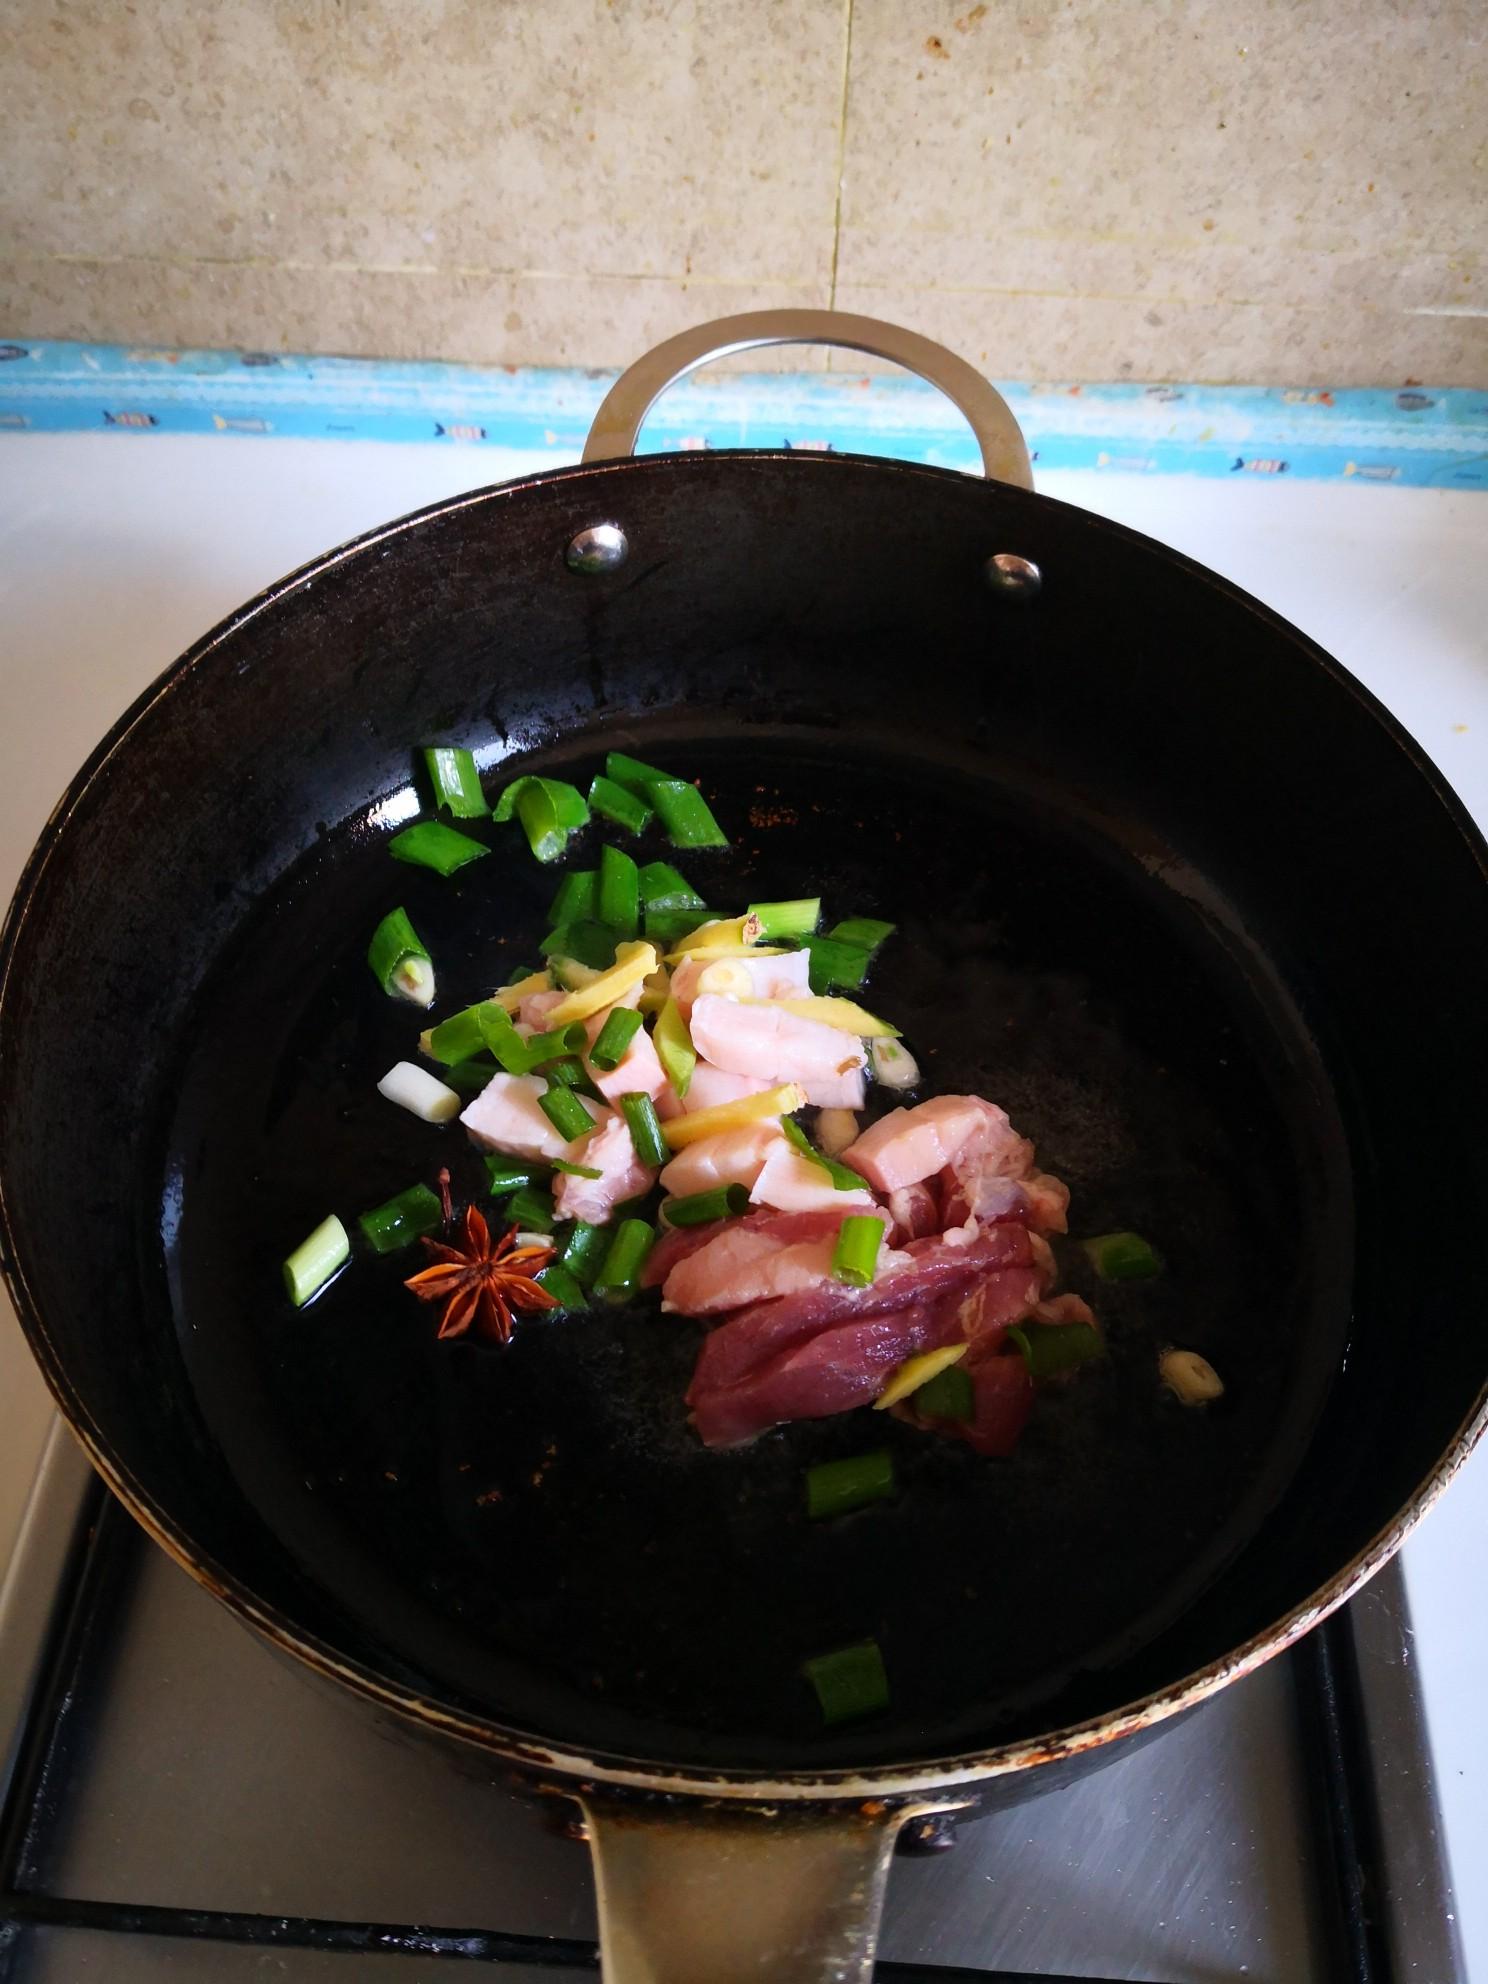 红薯炖黄金豆的简单做法